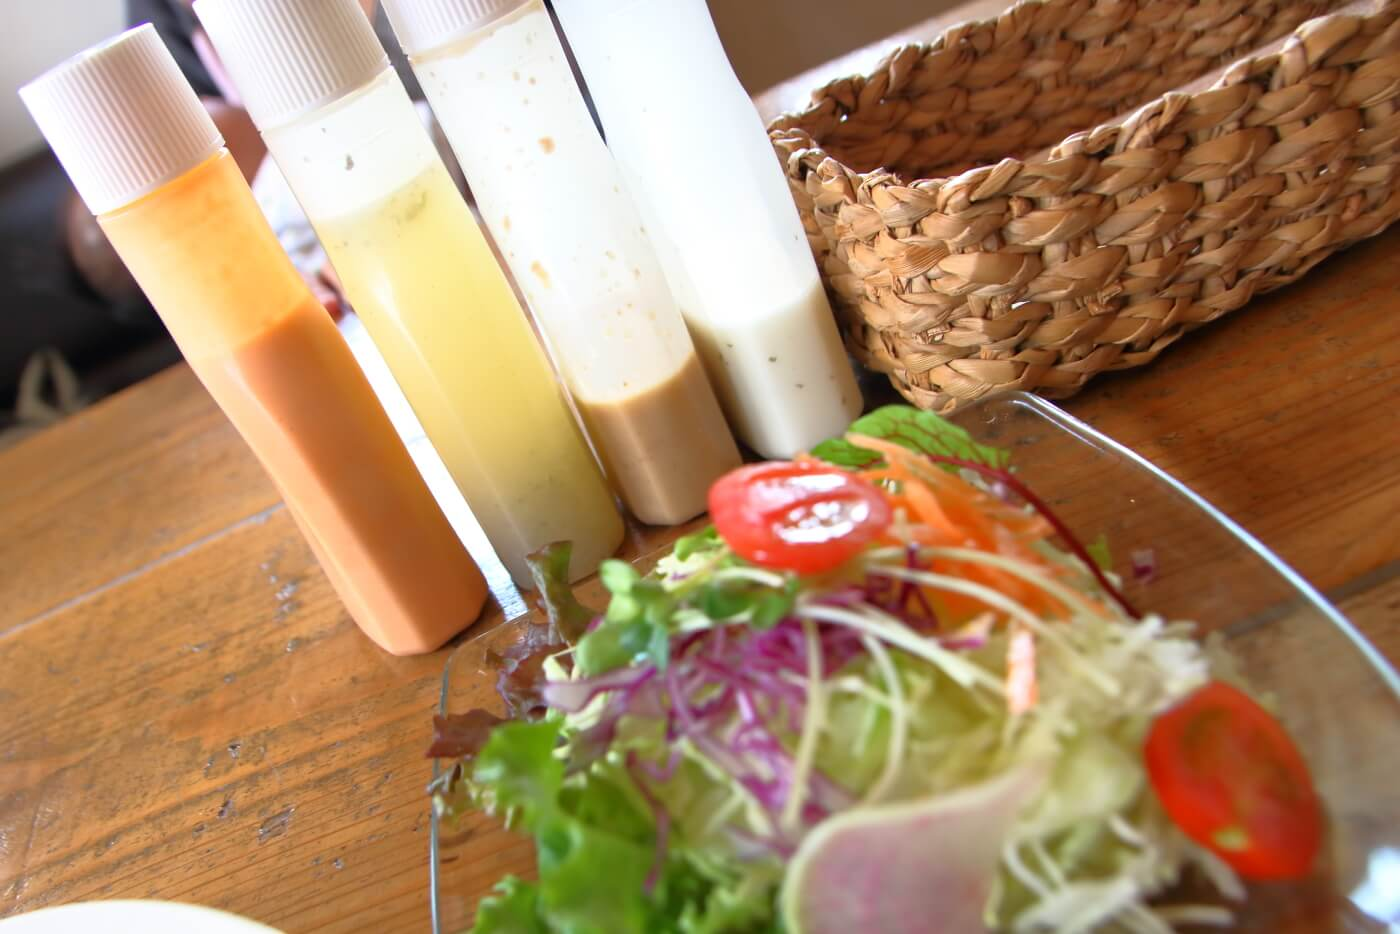 高知香美市土佐山田のカフェあかいみ 日替りランチ チキンピカタのサラダにつくドレッシング3種類